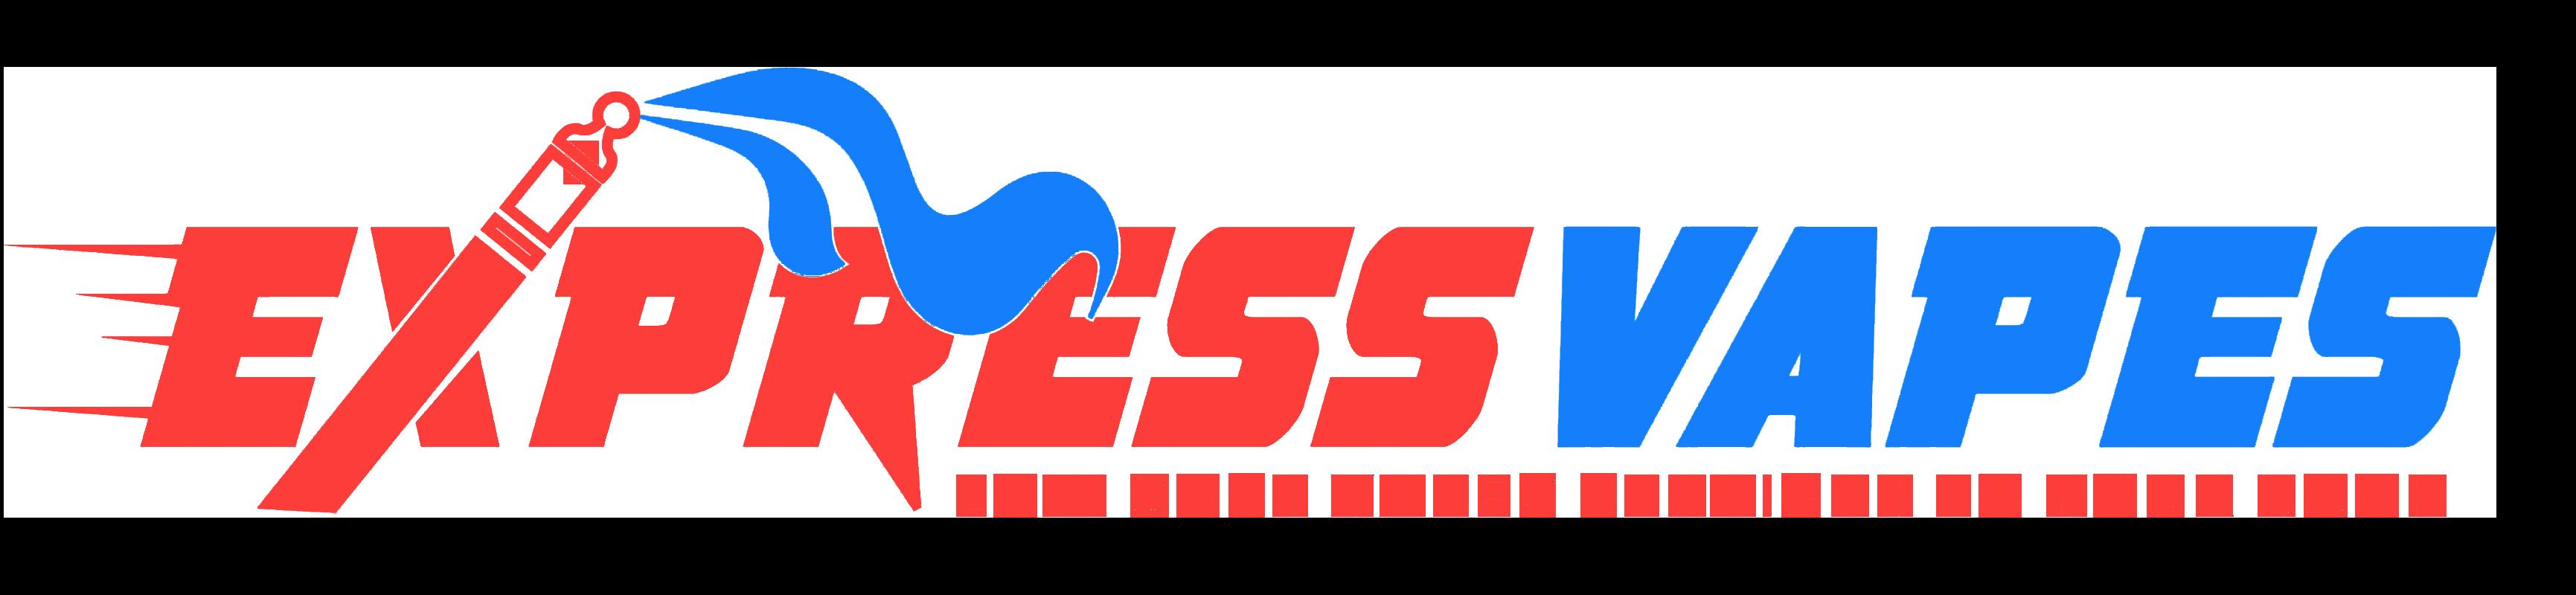 Express Vapes